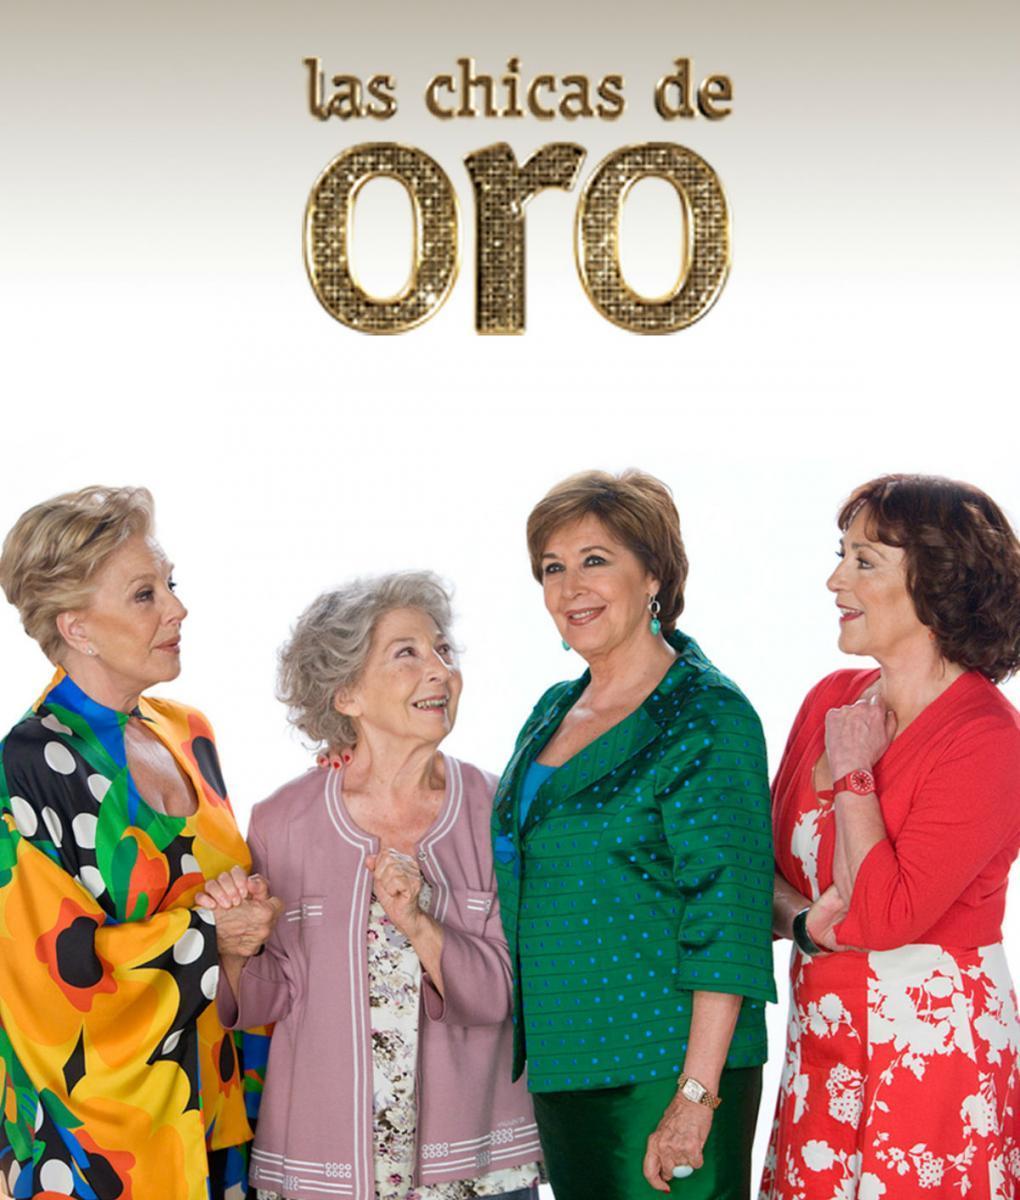 Las chicas de oro serie de tv 2010 filmaffinity - Las chicas de oro espana ...